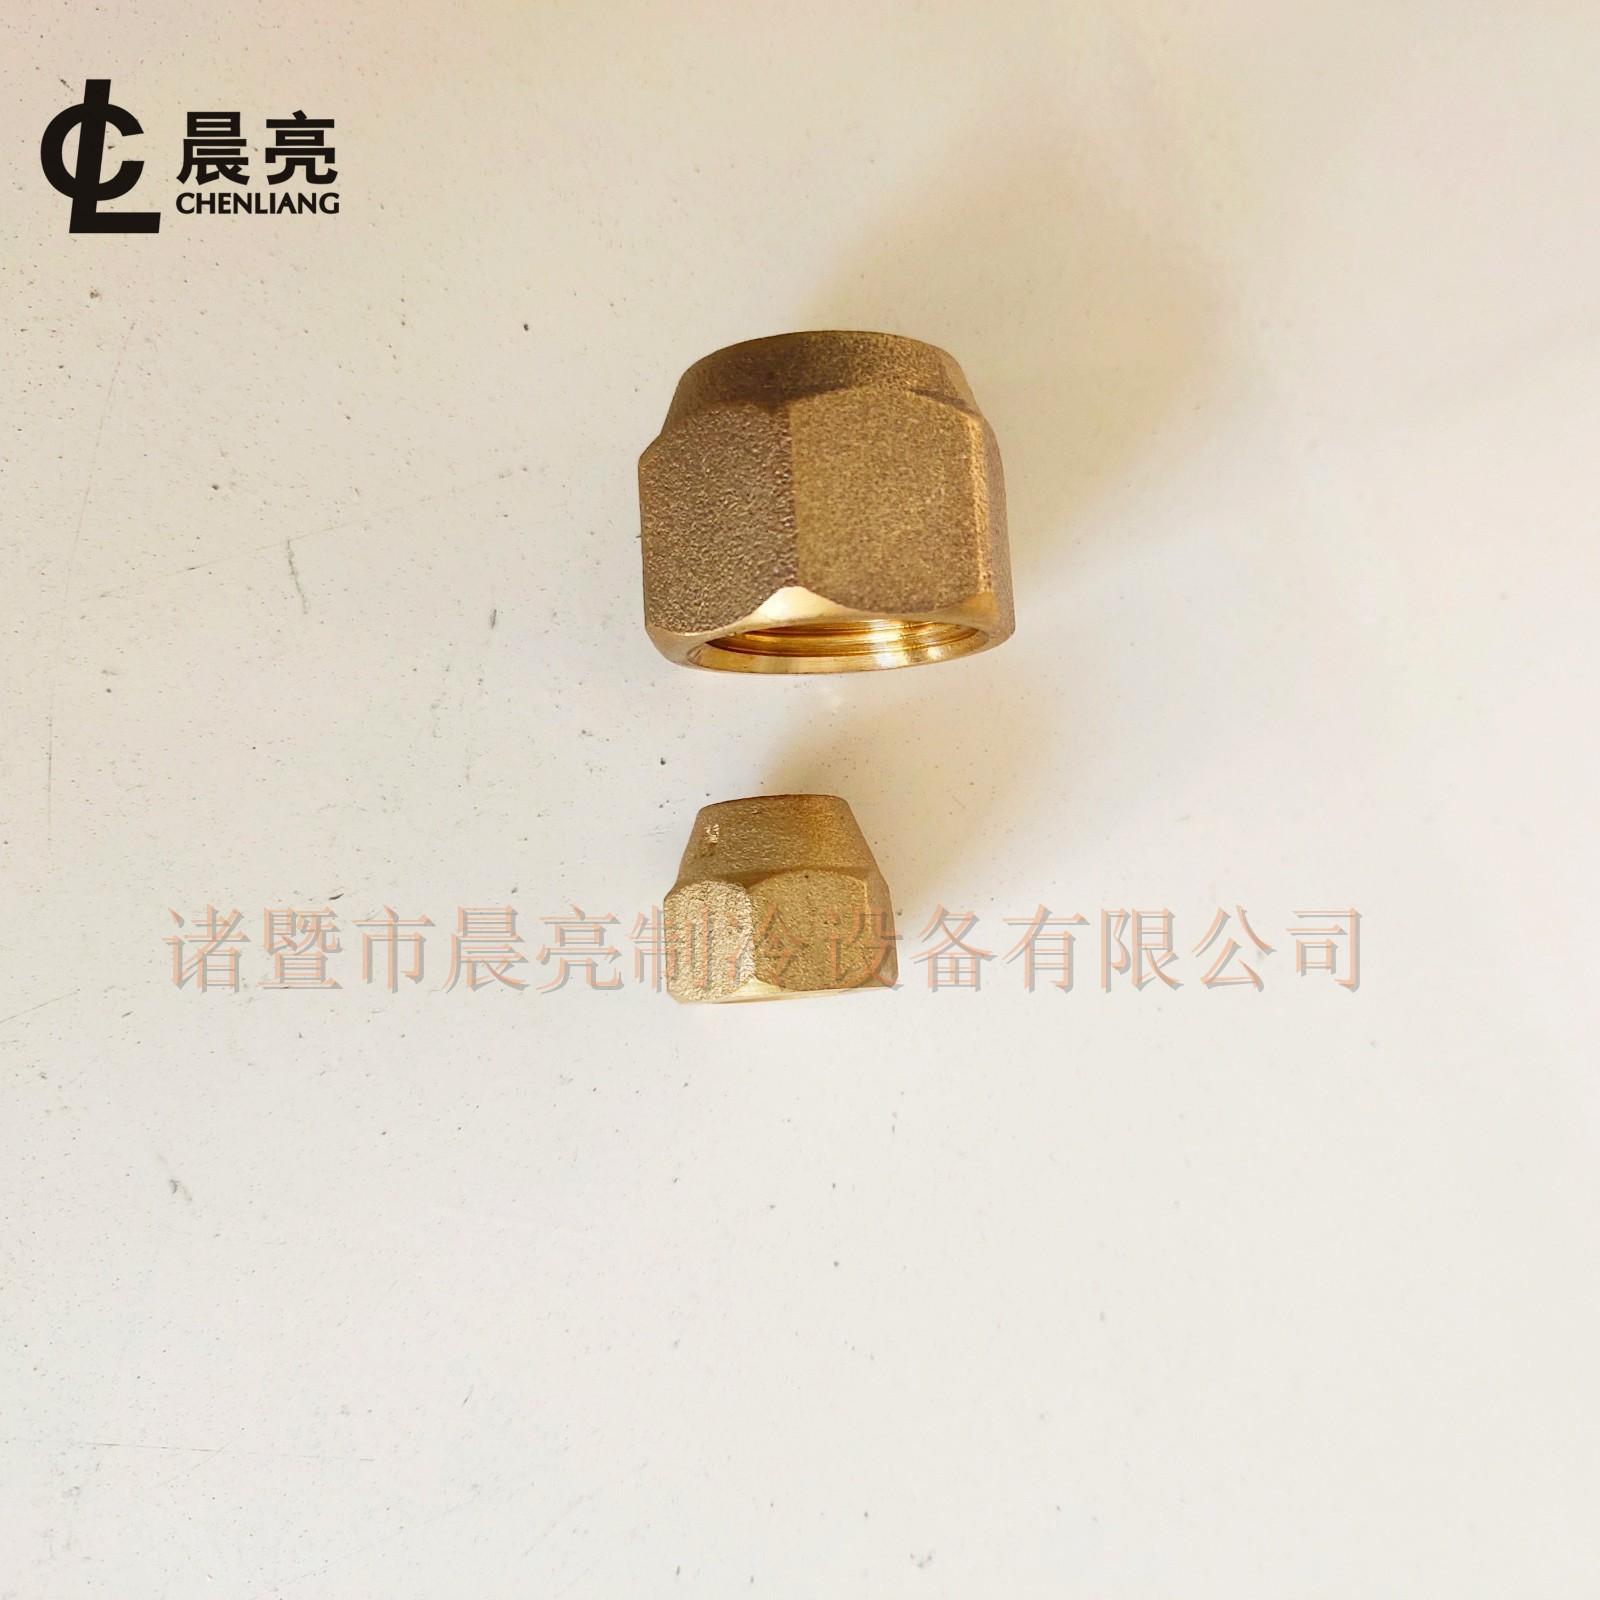 螺口电磁阀用螺母